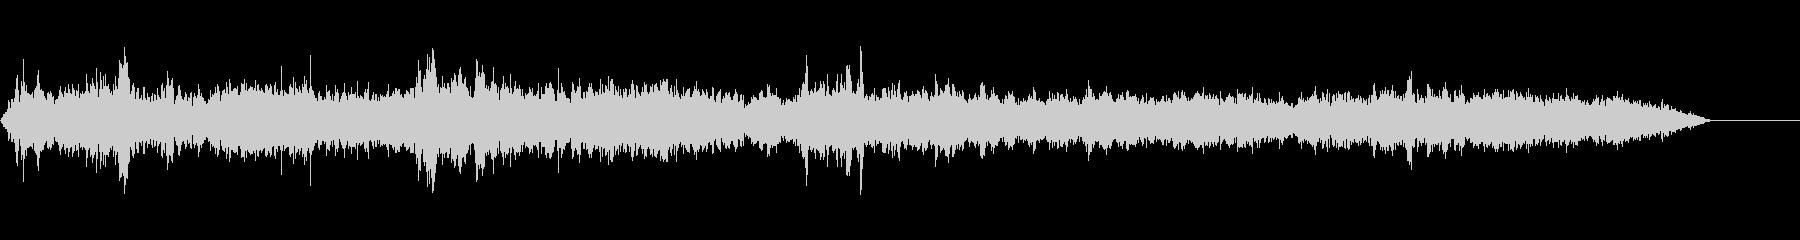 にぎわい-アニメーション-スペイン1の未再生の波形